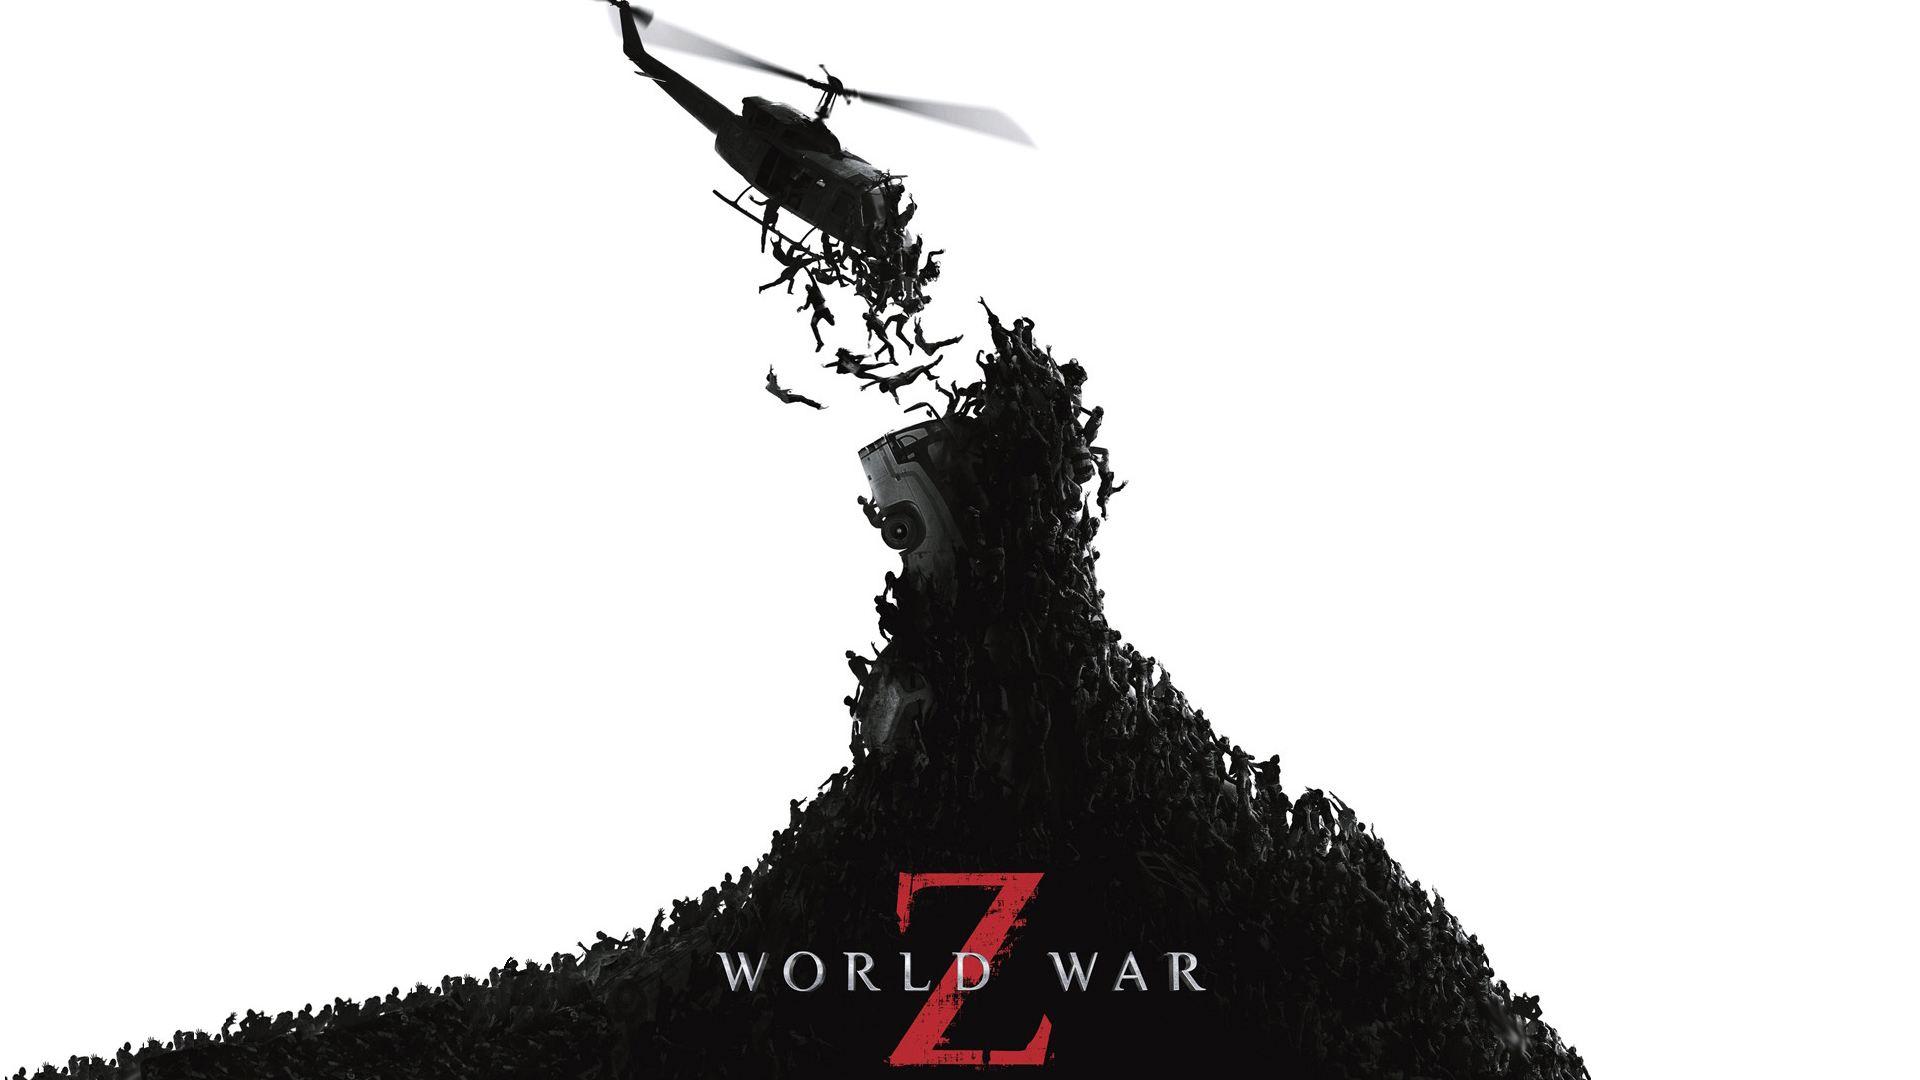 《僵尸世界大战》评测:相聚有燃击,枪林无弹雨